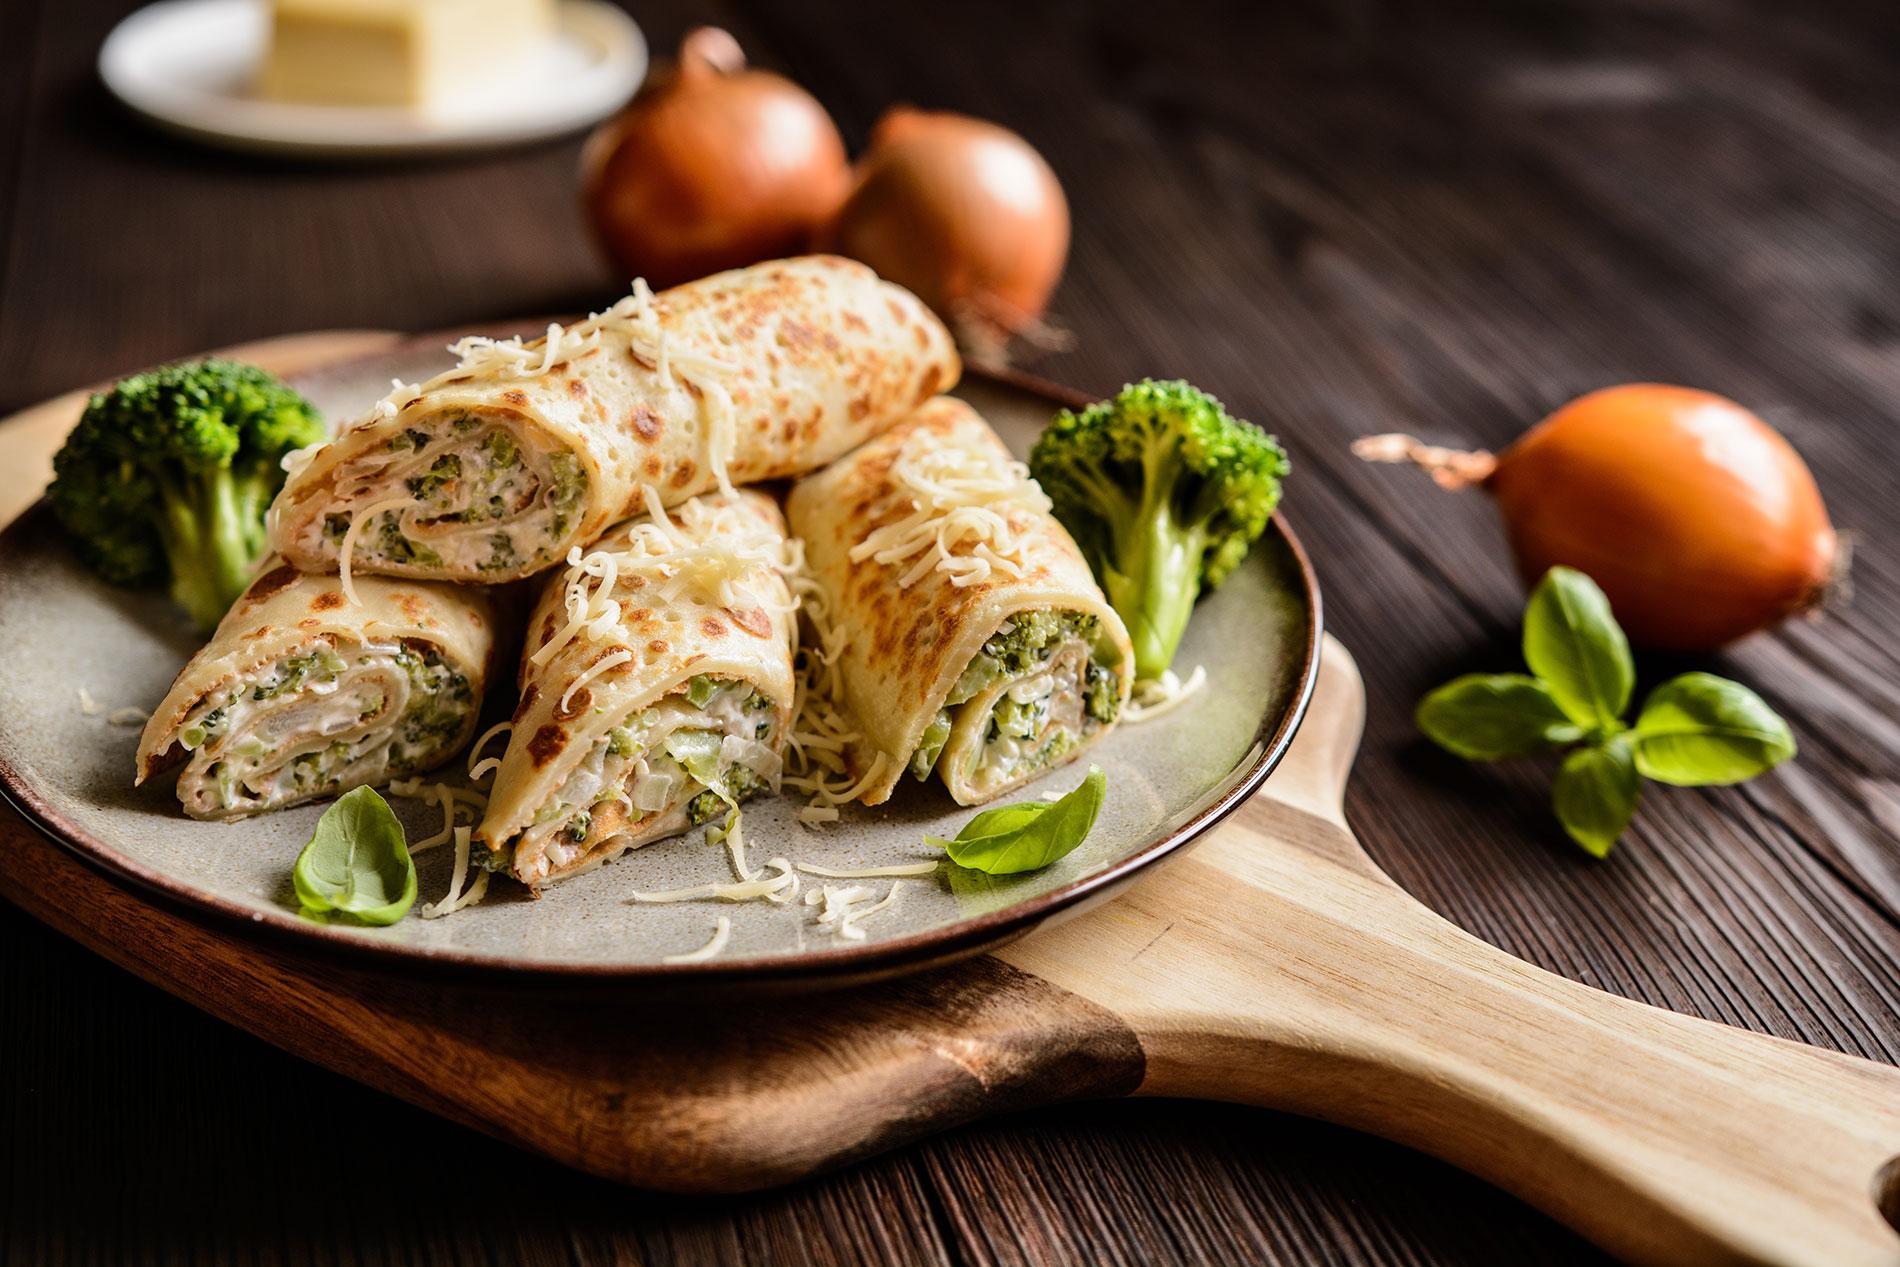 Sword-surgelati-crepes-salate-broccoli-cipolle-e-salsa-di-gorgonzola